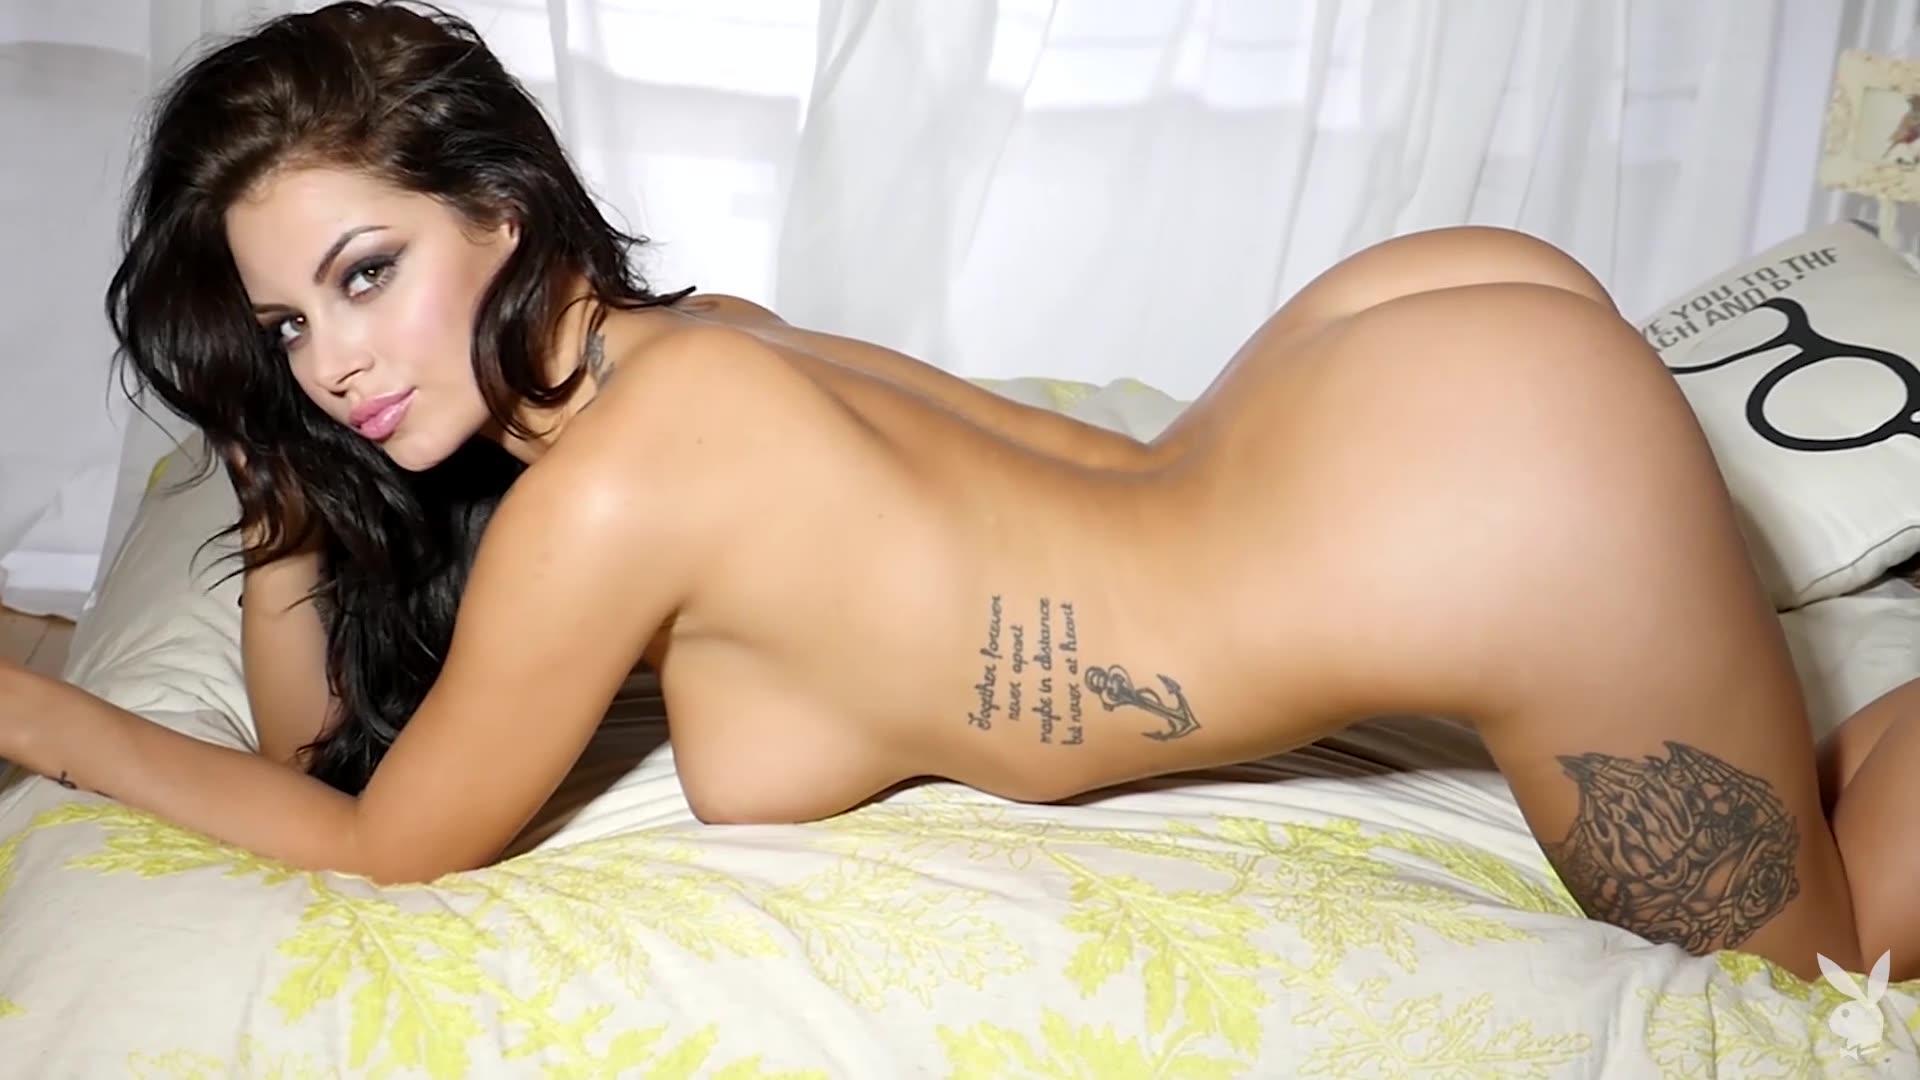 Shelly jones porn pics